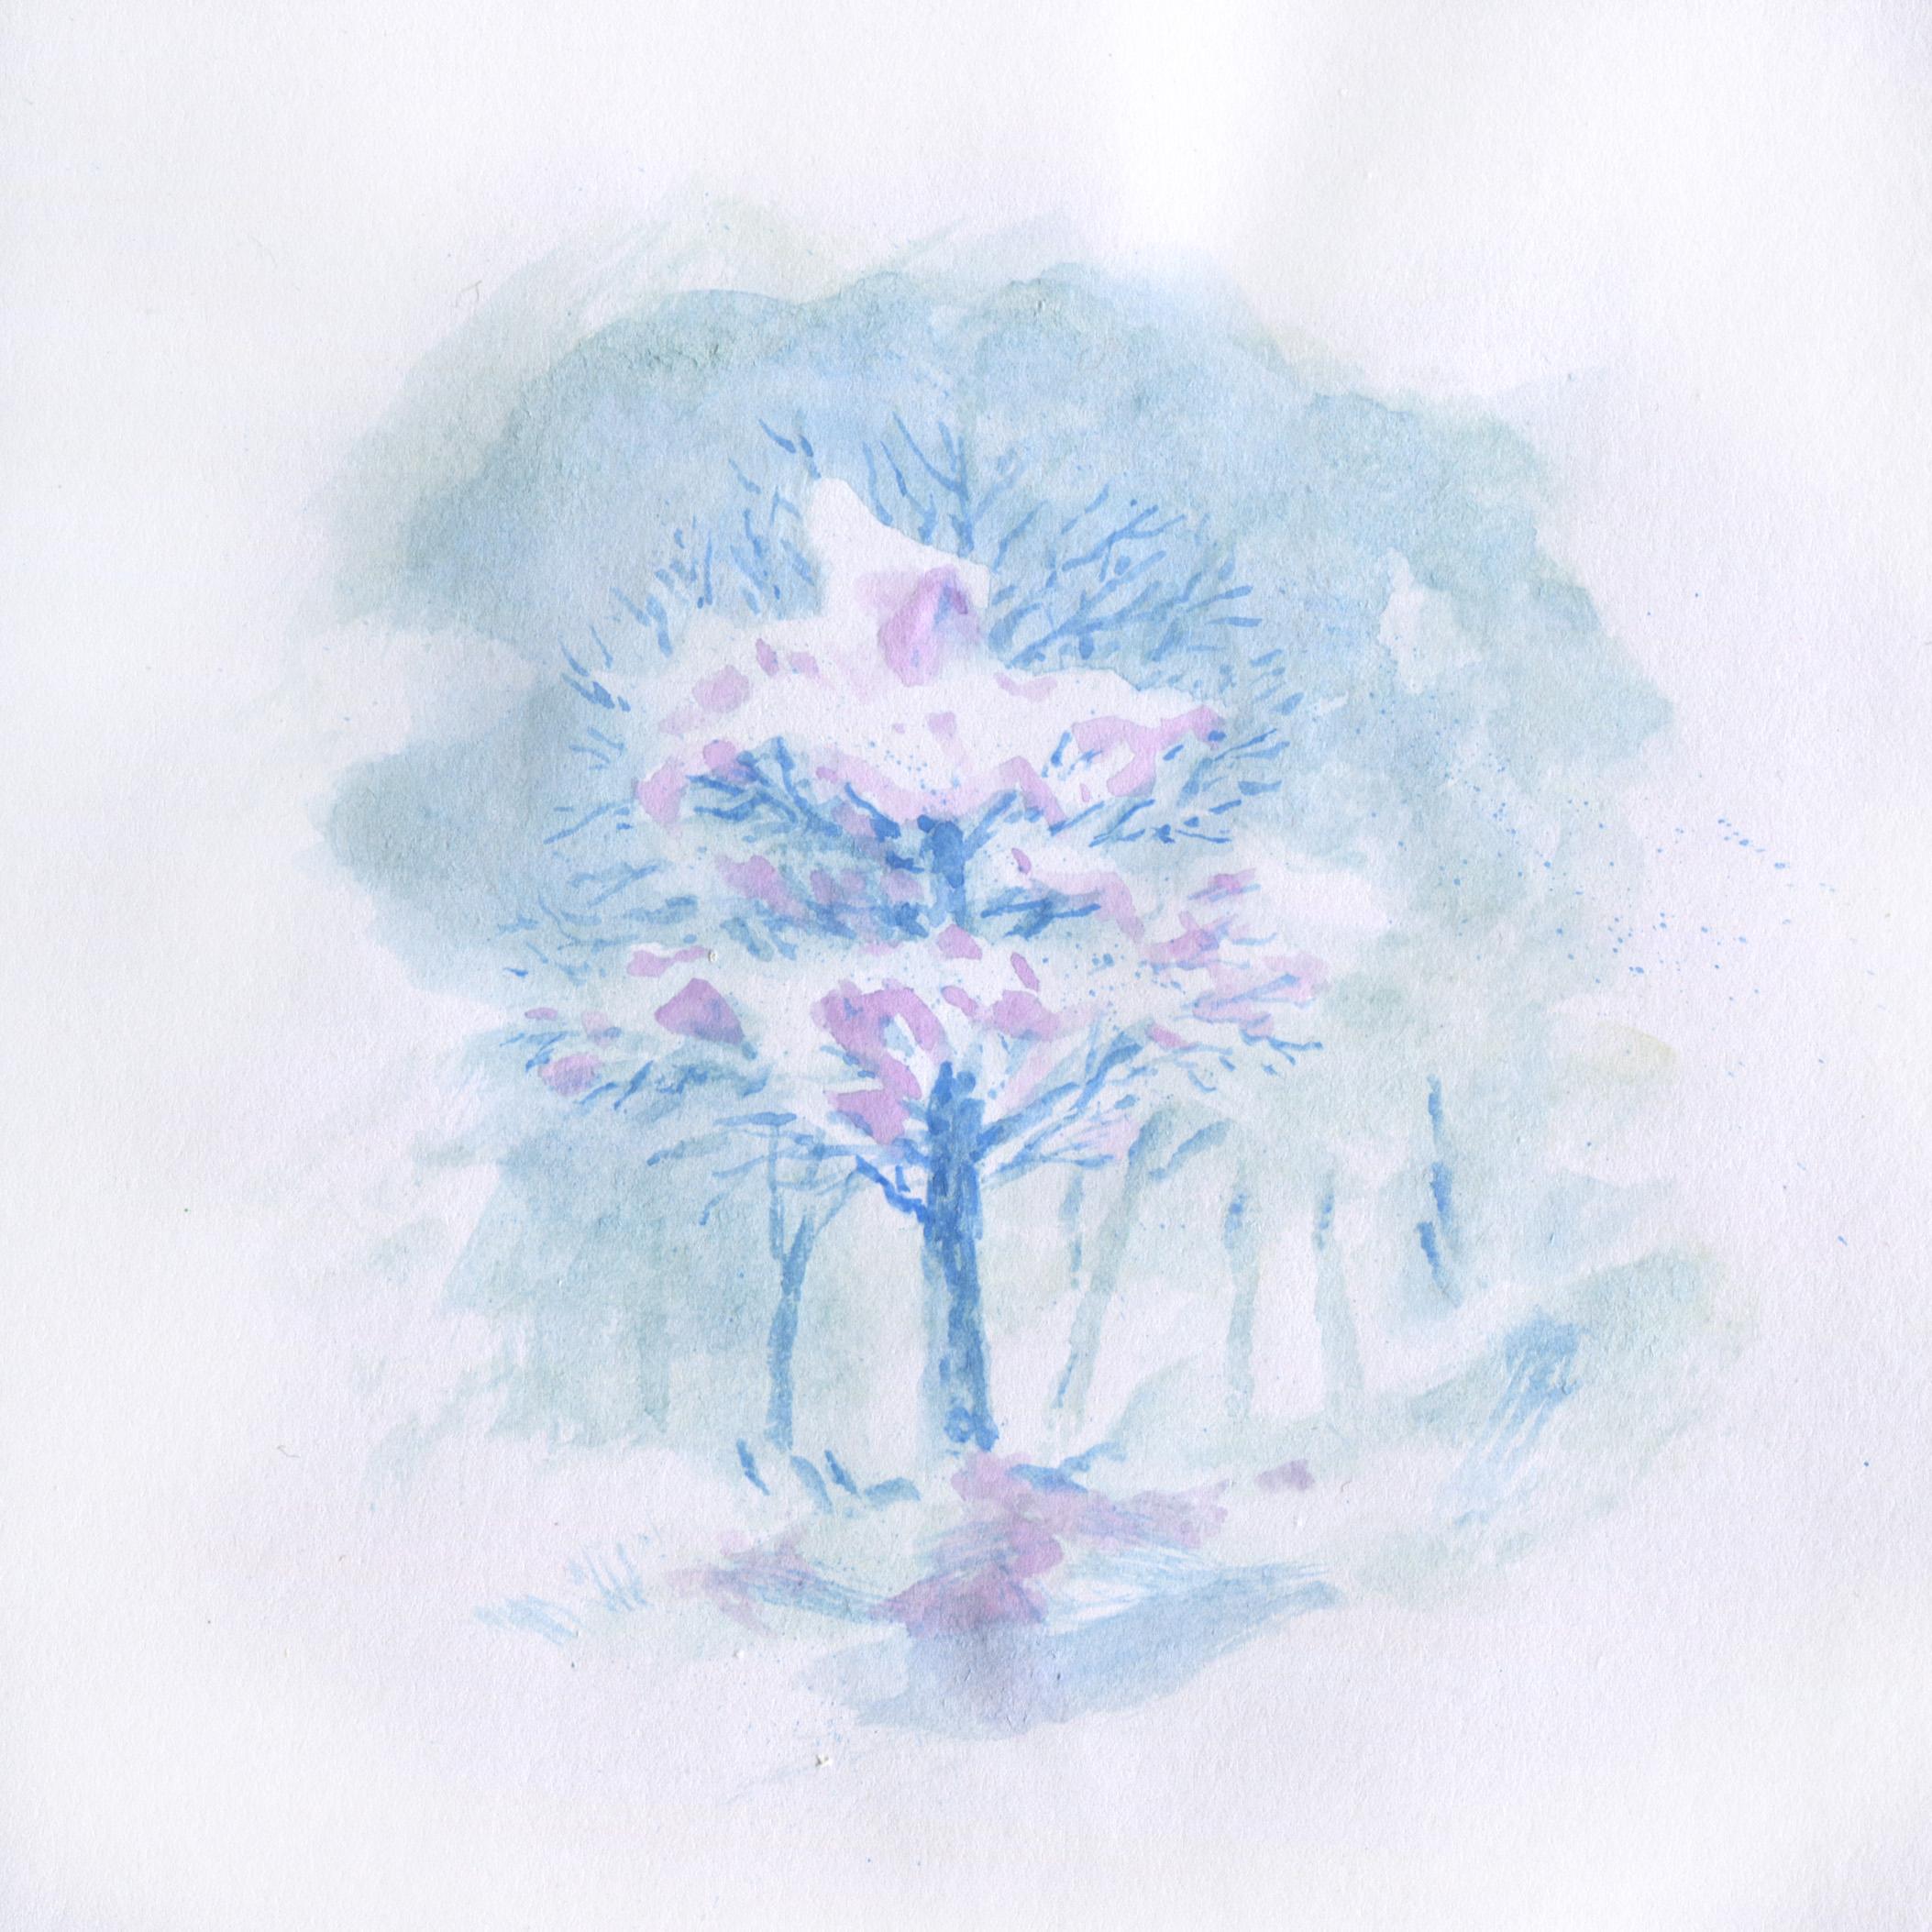 Neige sur un arbre.jpg